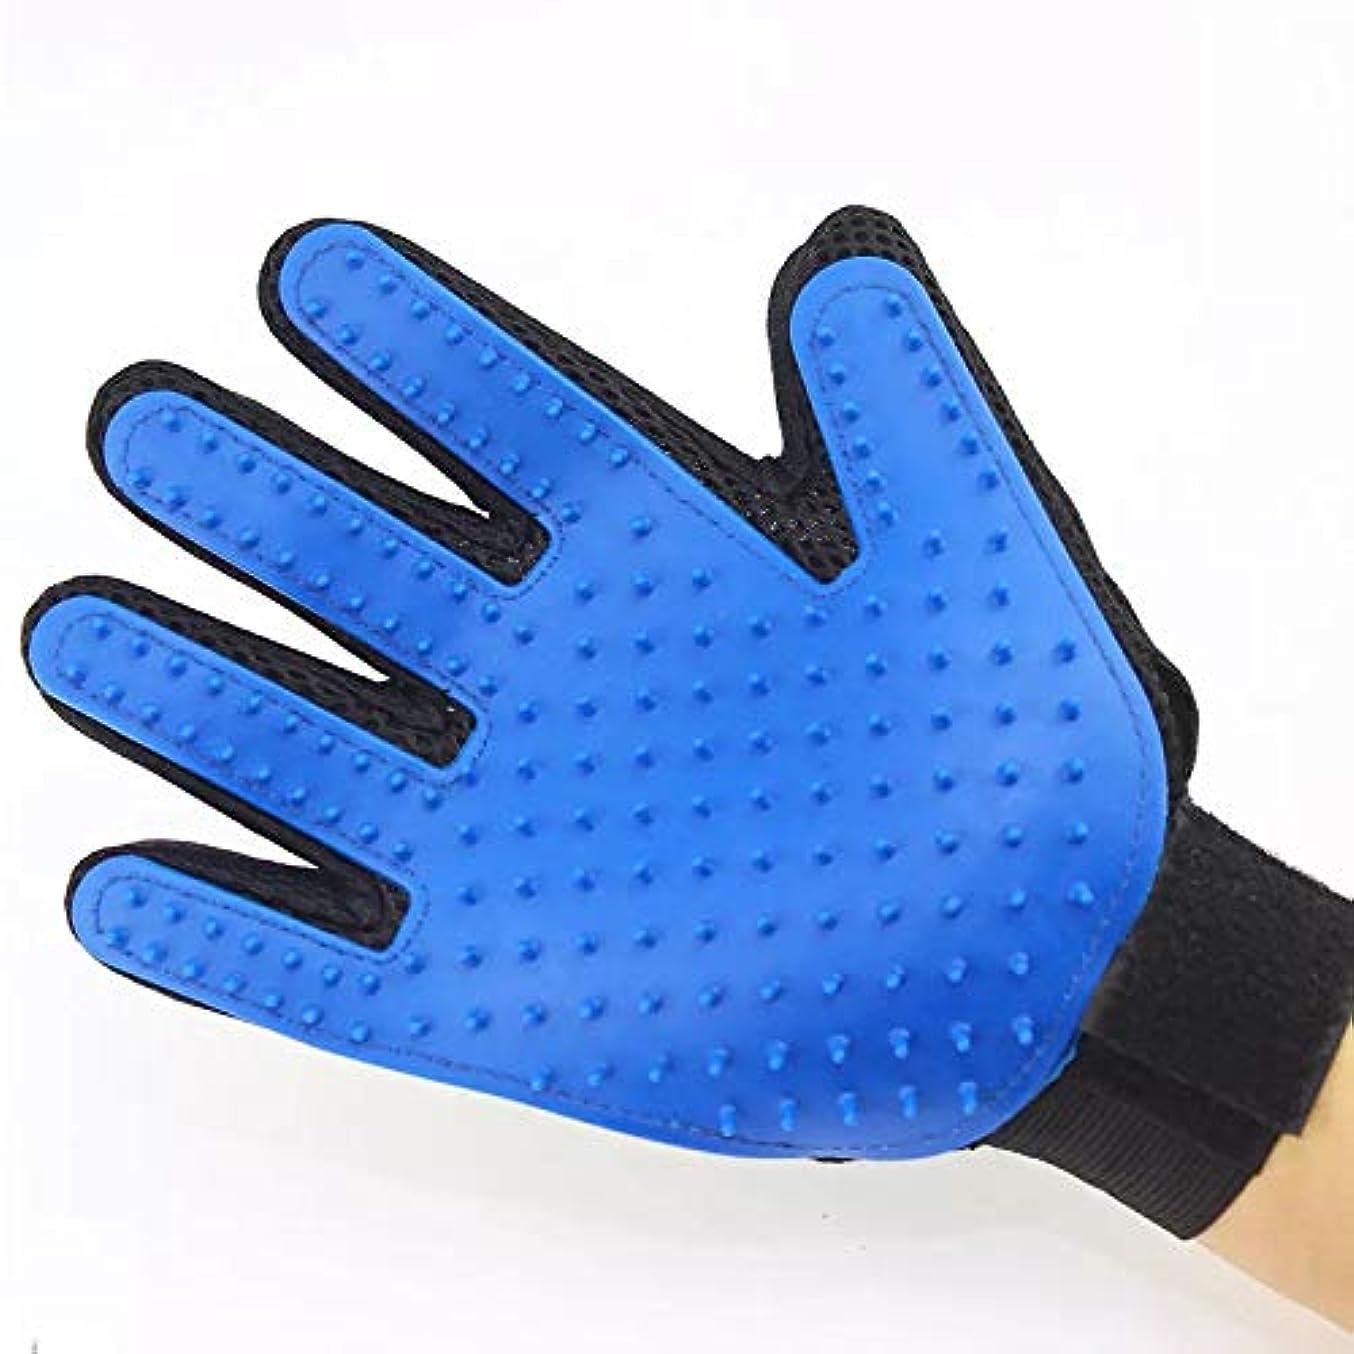 刺すいつでも知的BTXXYJP ペット ブラシ 手袋 猫 犬 ブラシ グローブ クリーナー 耐摩耗 抜け毛取り マッサージブラシ グローブ (Color : Red, Style : Right hand)